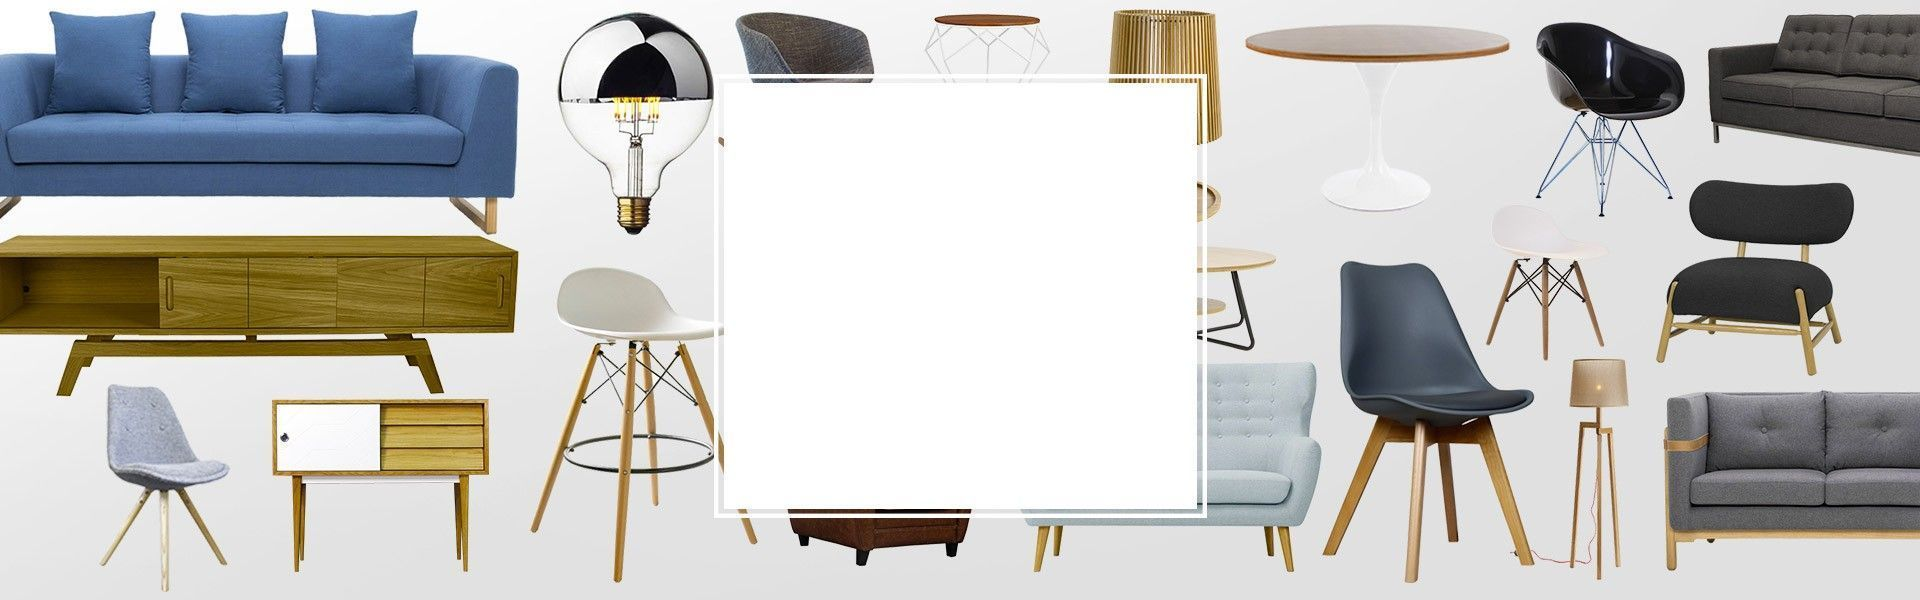 encart meubles et design